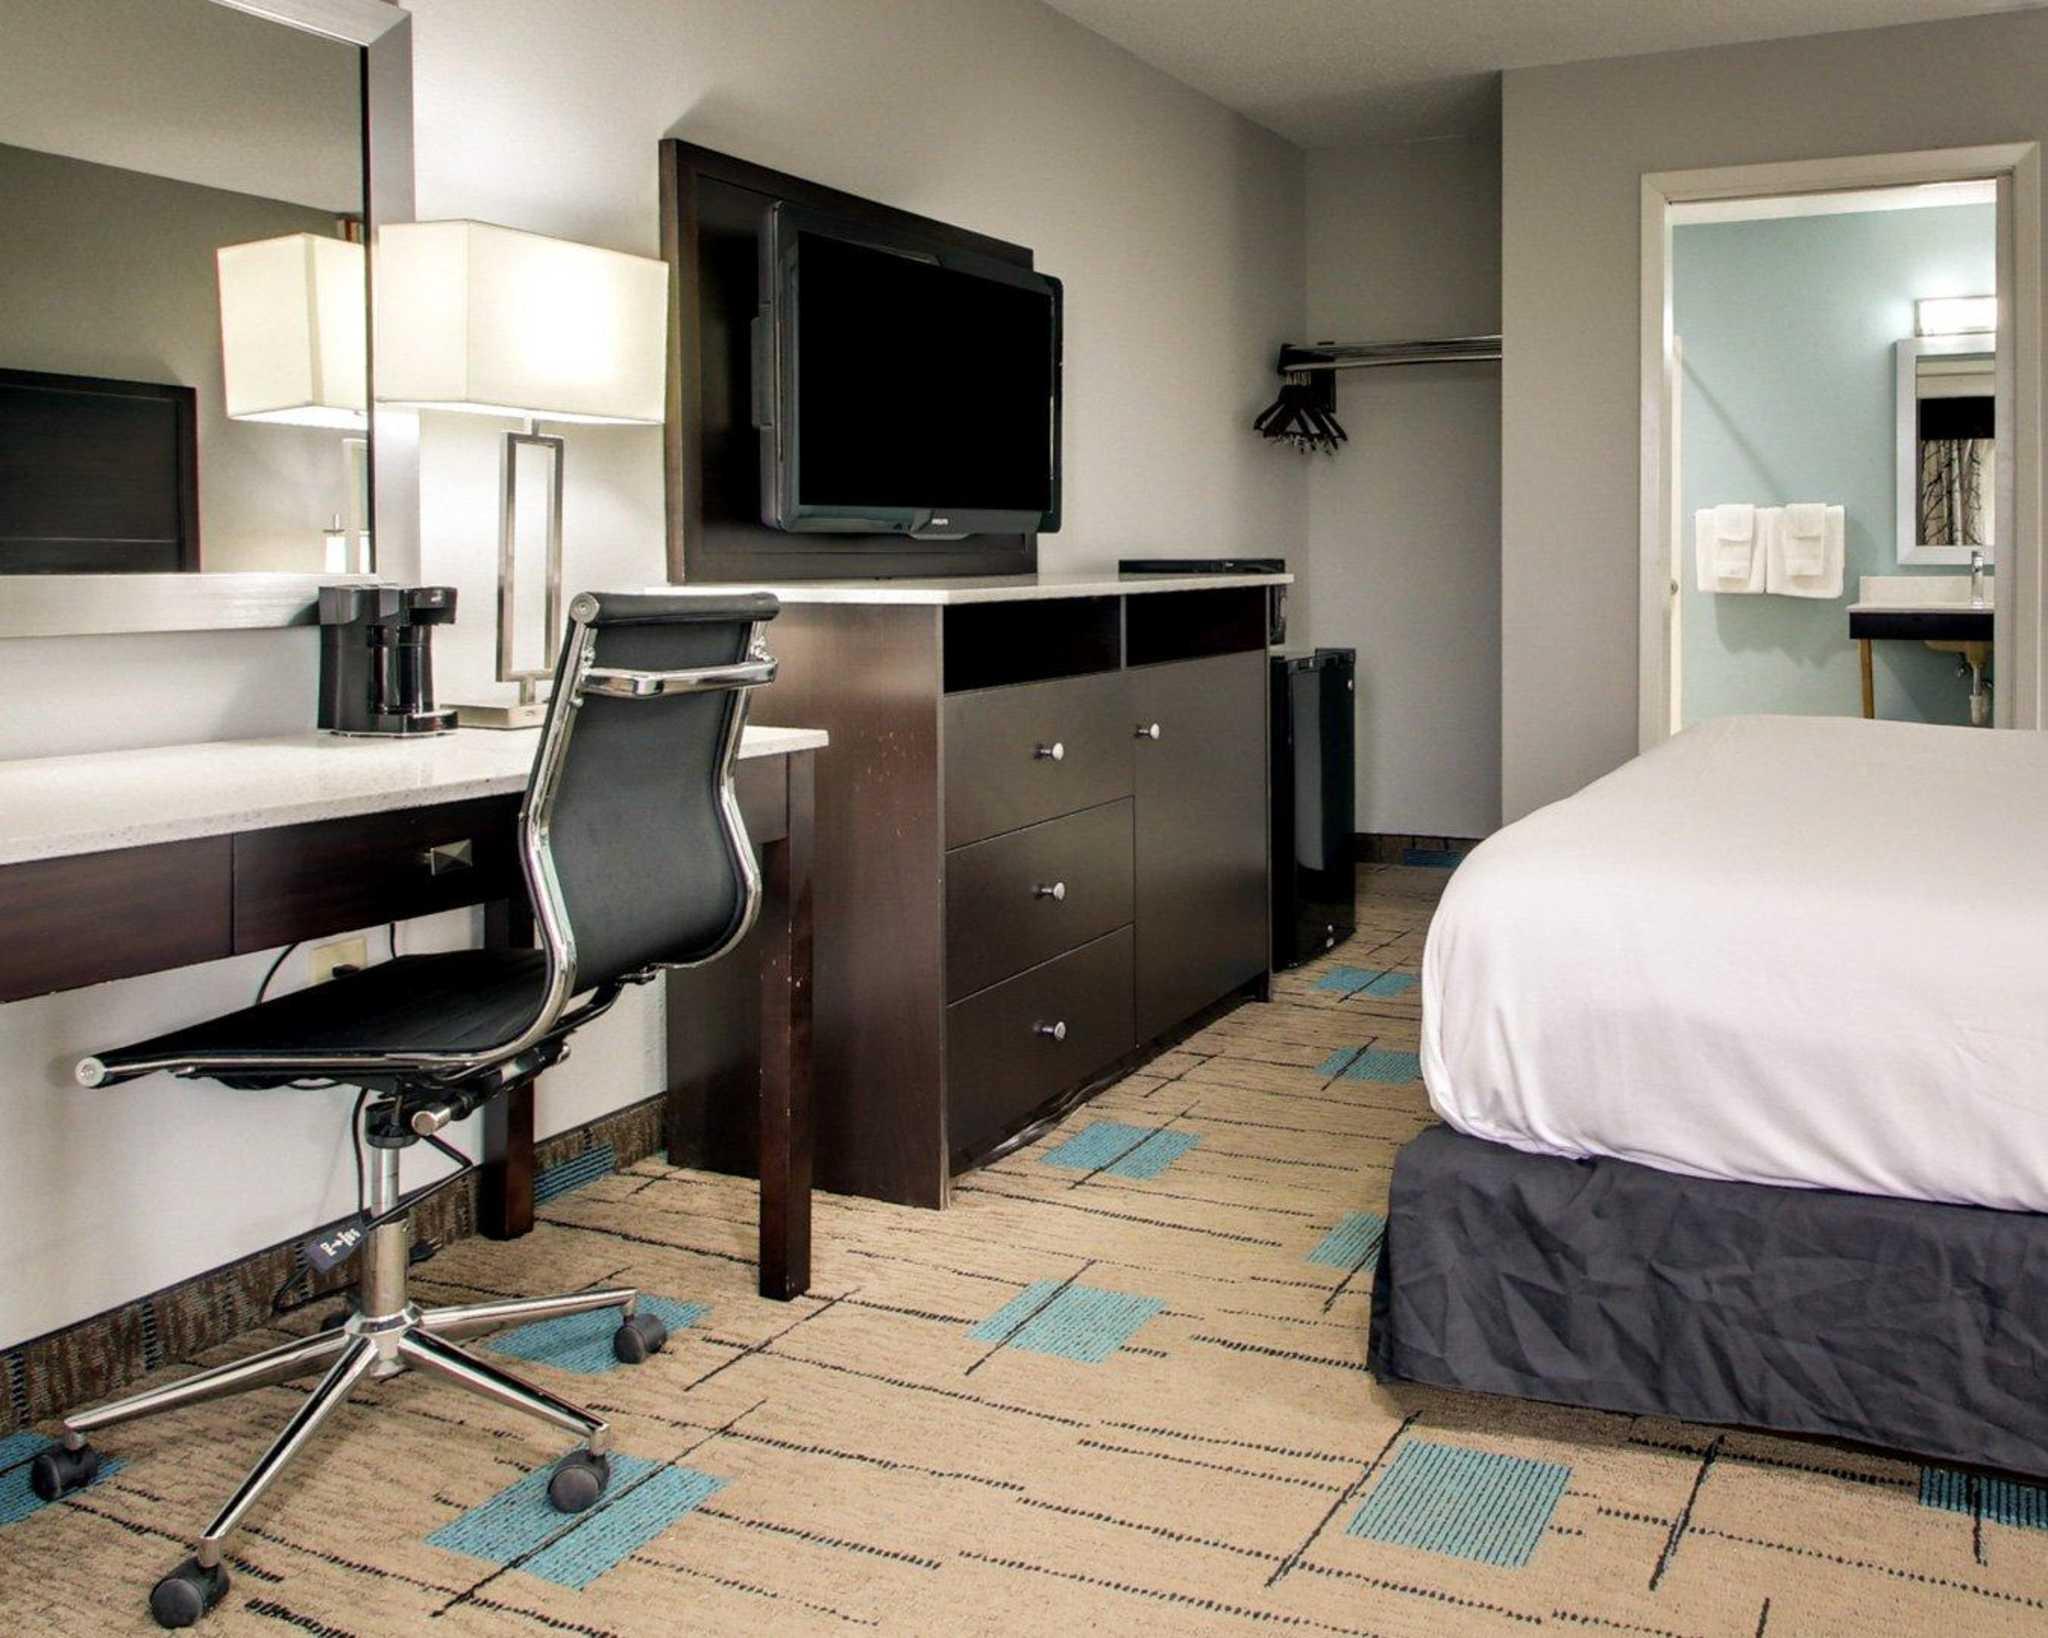 Rodeway Inn & Suites image 5